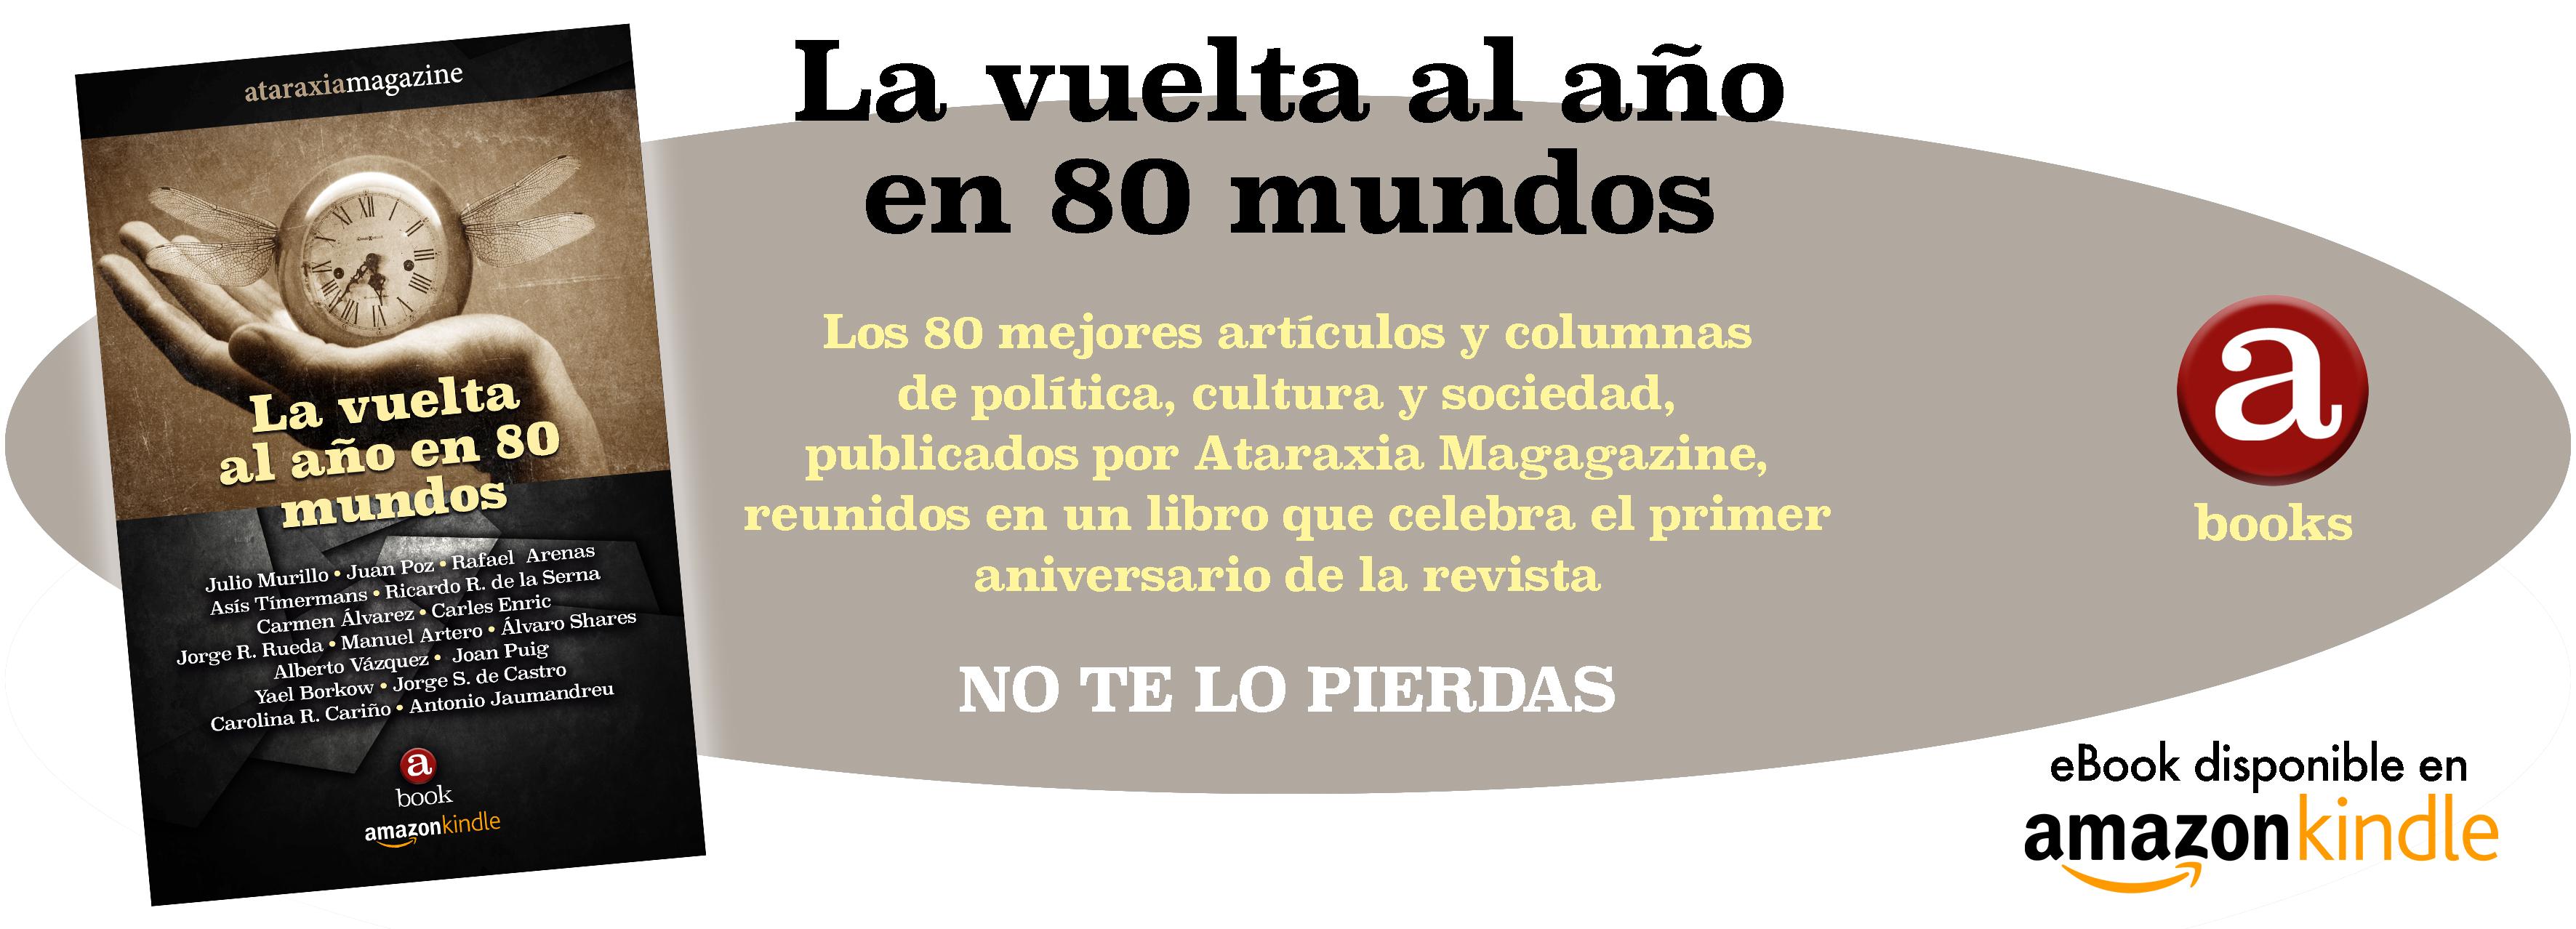 Publicidad La Vuelta al Año en 80 mundos.jpg